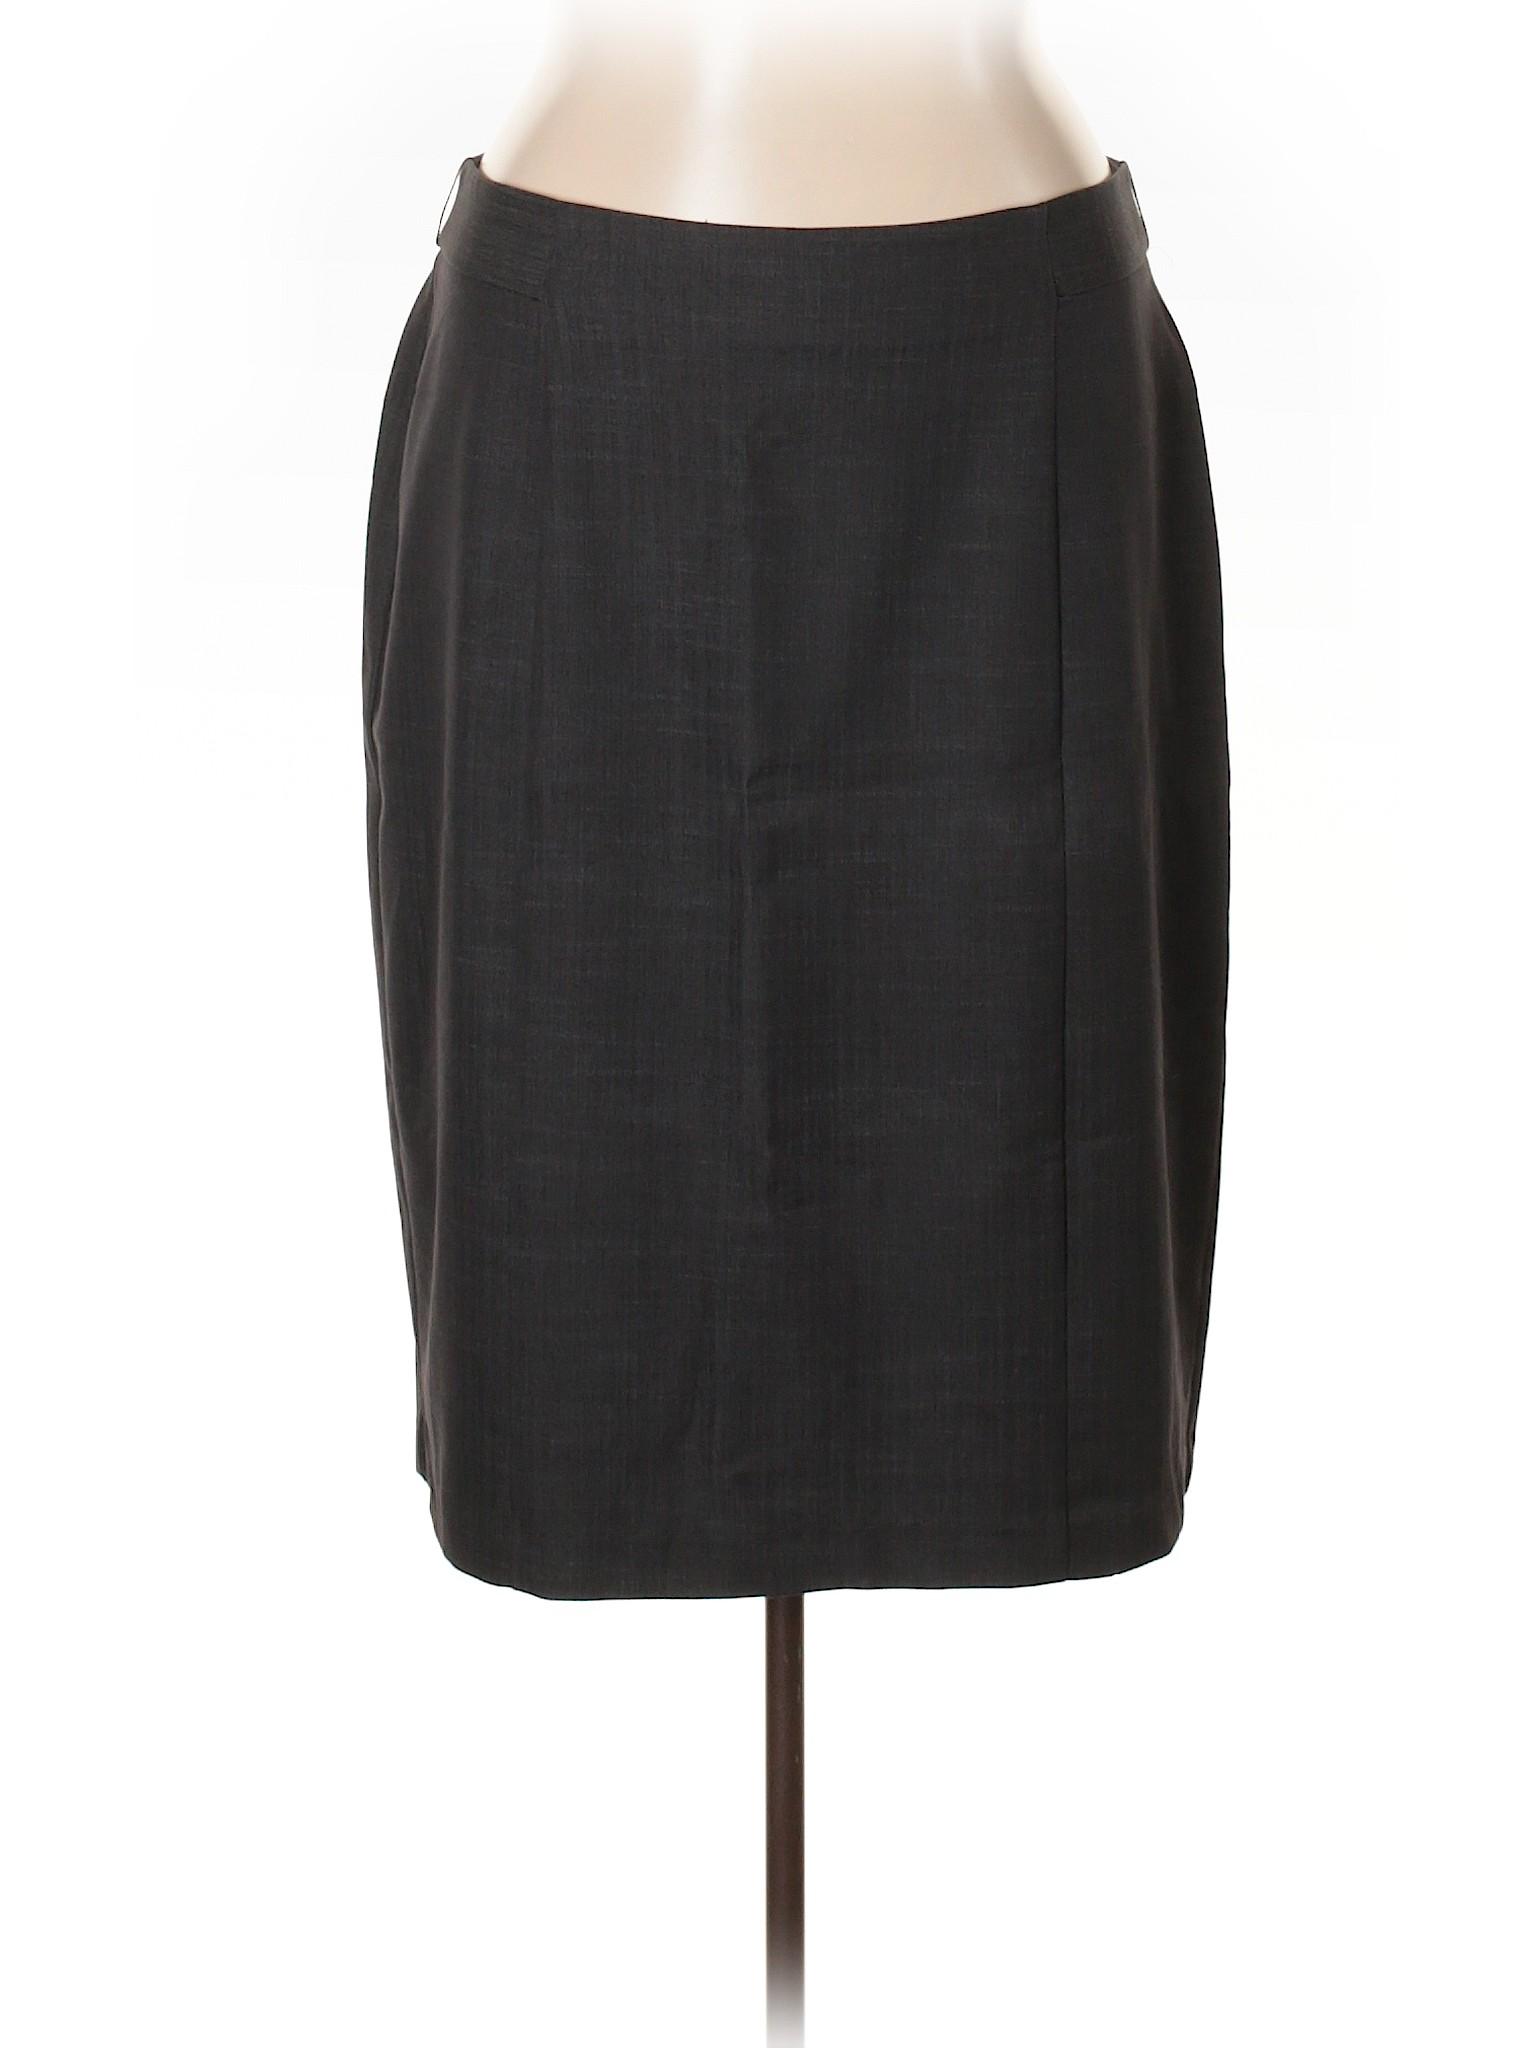 Skirt leisure Skirt Boutique Boutique leisure DressBarn Casual leisure Casual DressBarn Casual Boutique DressBarn xRw7q